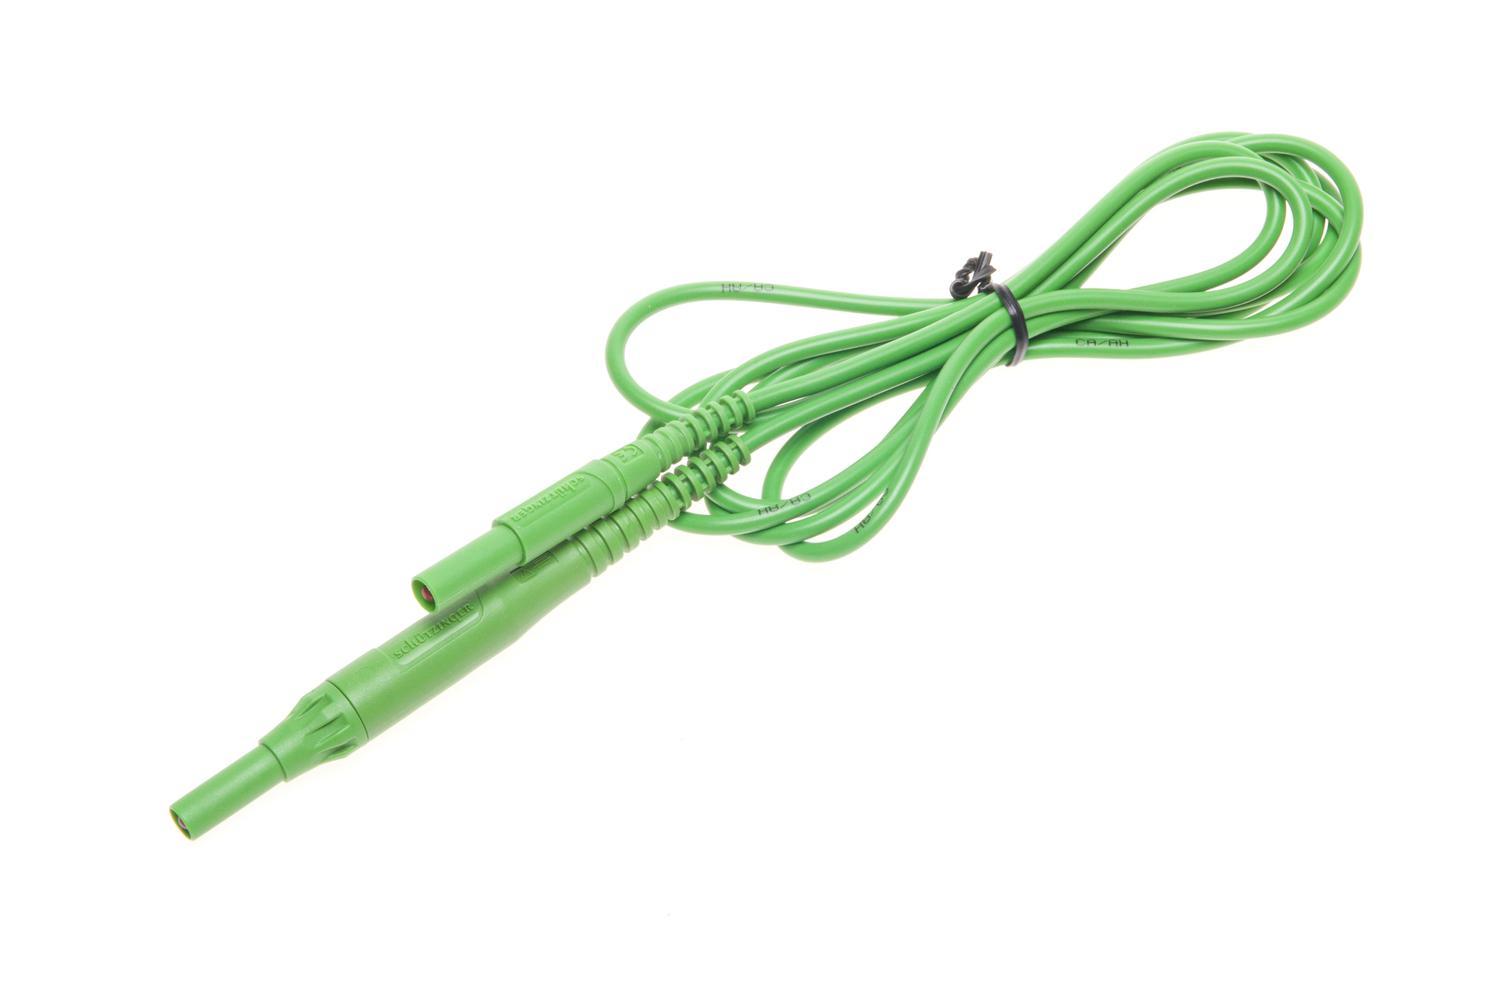 Przewód 2 m zielony CAT IV 1000 V (wtyki bananowe z bezpiecznikiem 10 A)